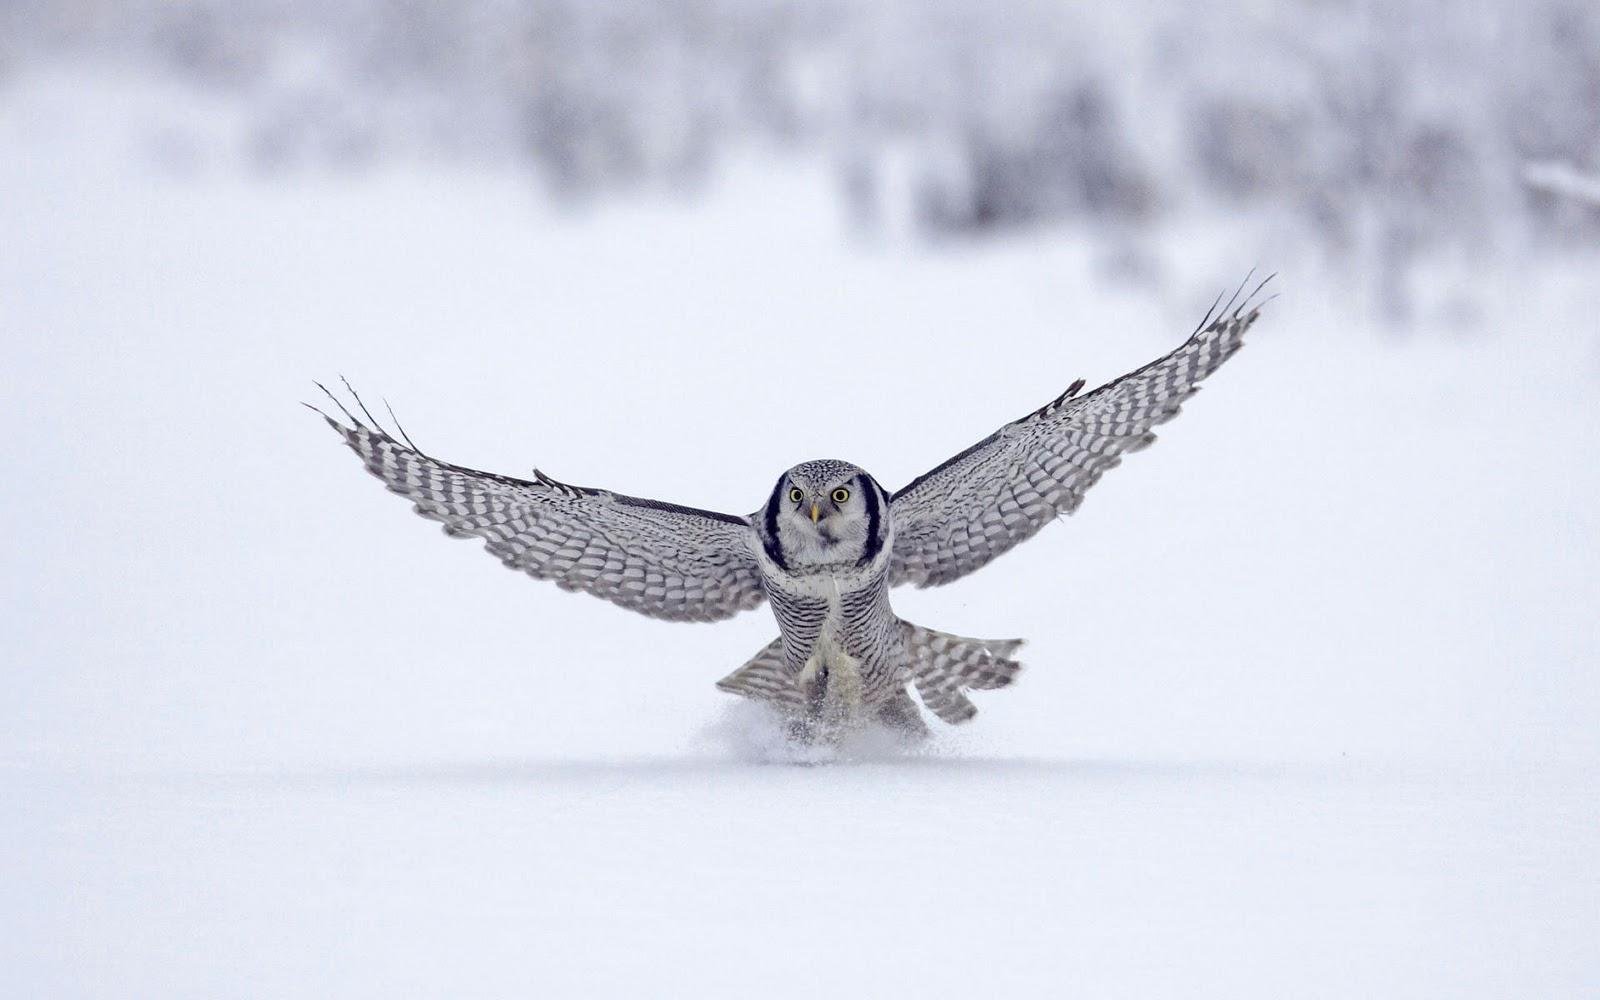 http://4.bp.blogspot.com/-h0PQXodgonE/ToausoRw12I/AAAAAAAAAjk/F6QnGZI2IQE/s1600/Northern-Hawk-Finland-wallpaper.jpg